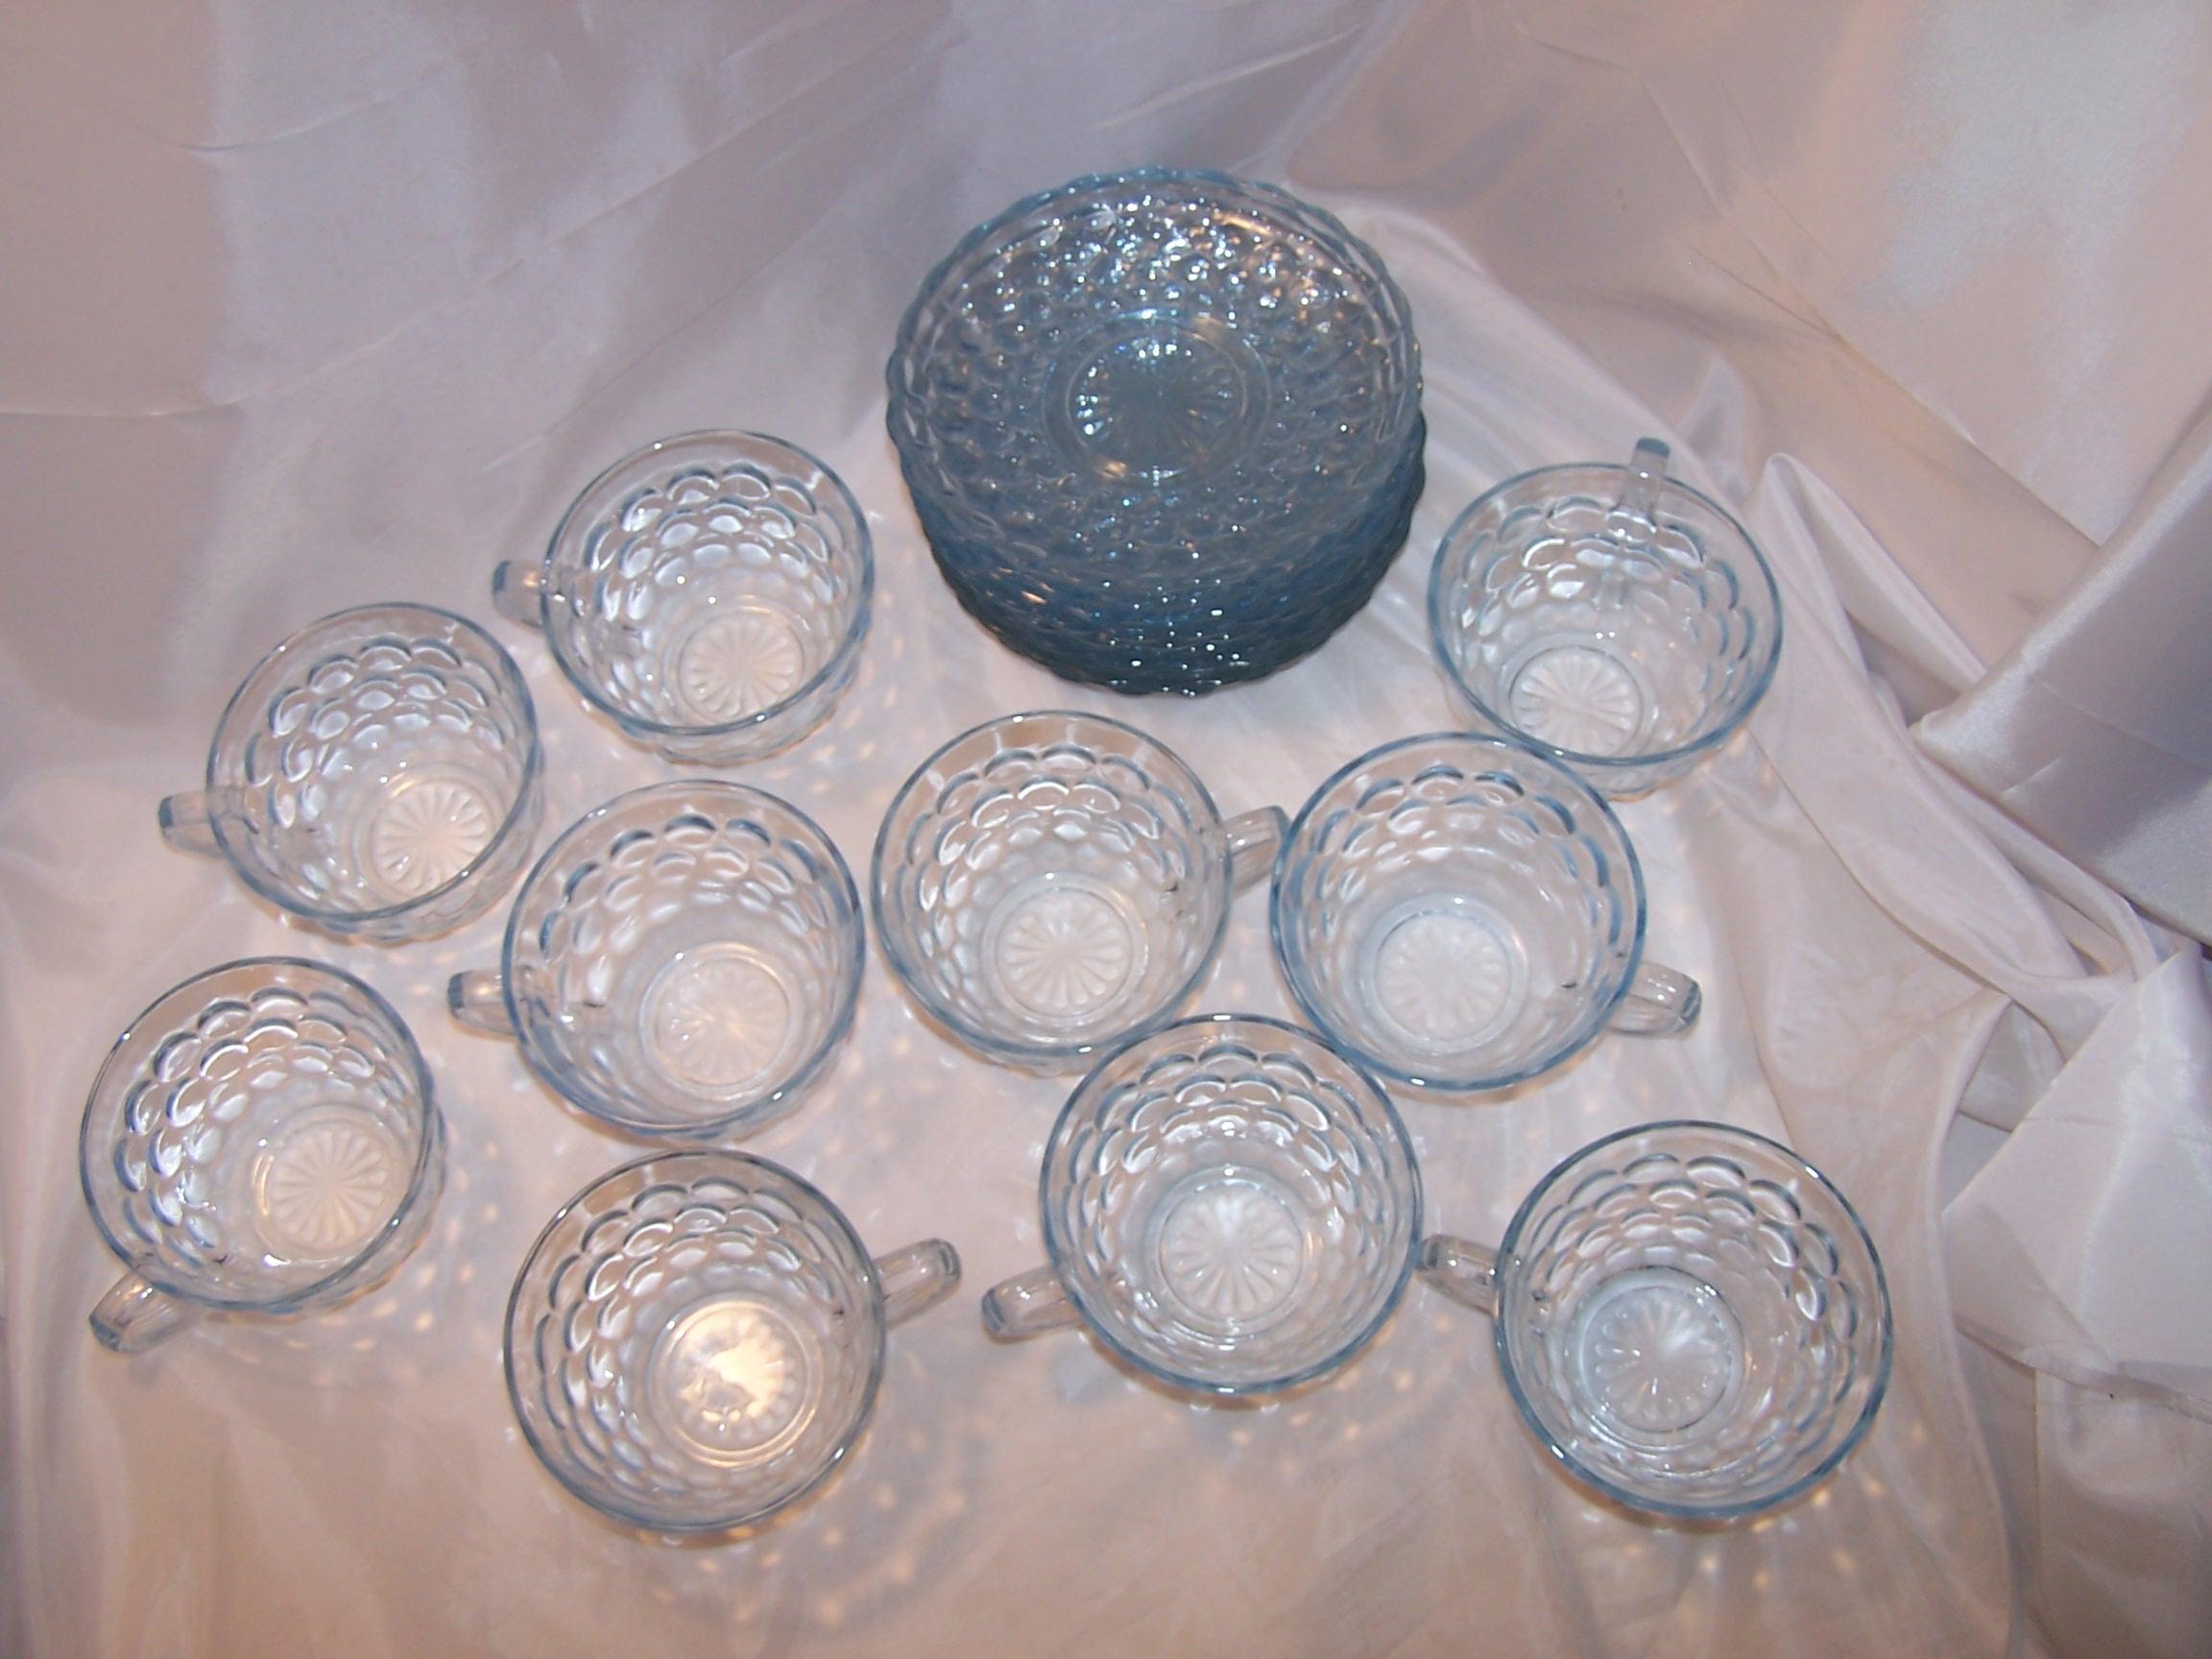 Image 6 of Hobnail Glass Teacup, Saucer Service for 10, Vintage